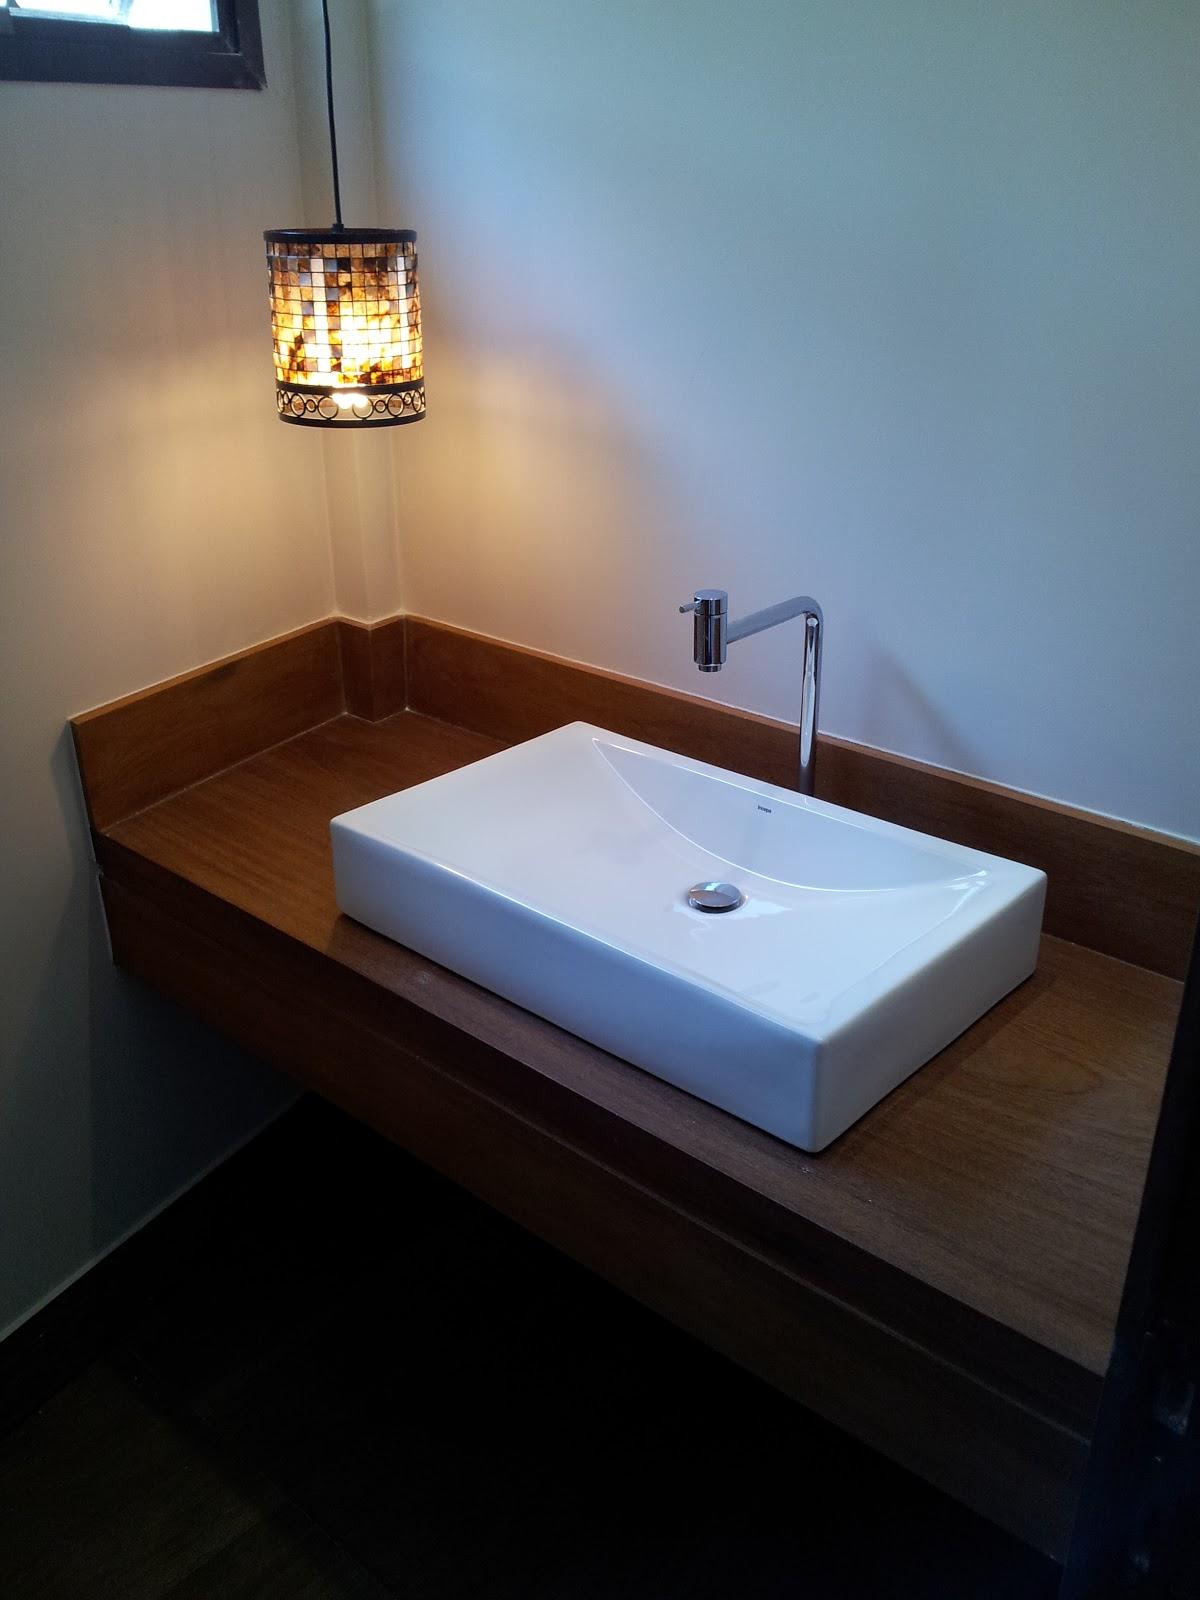 http://2.bp.blogspot.com/ ReginaSegura. arquitetura: Reforma  #966E35 1200x1600 Bancada Banheiro Rustico